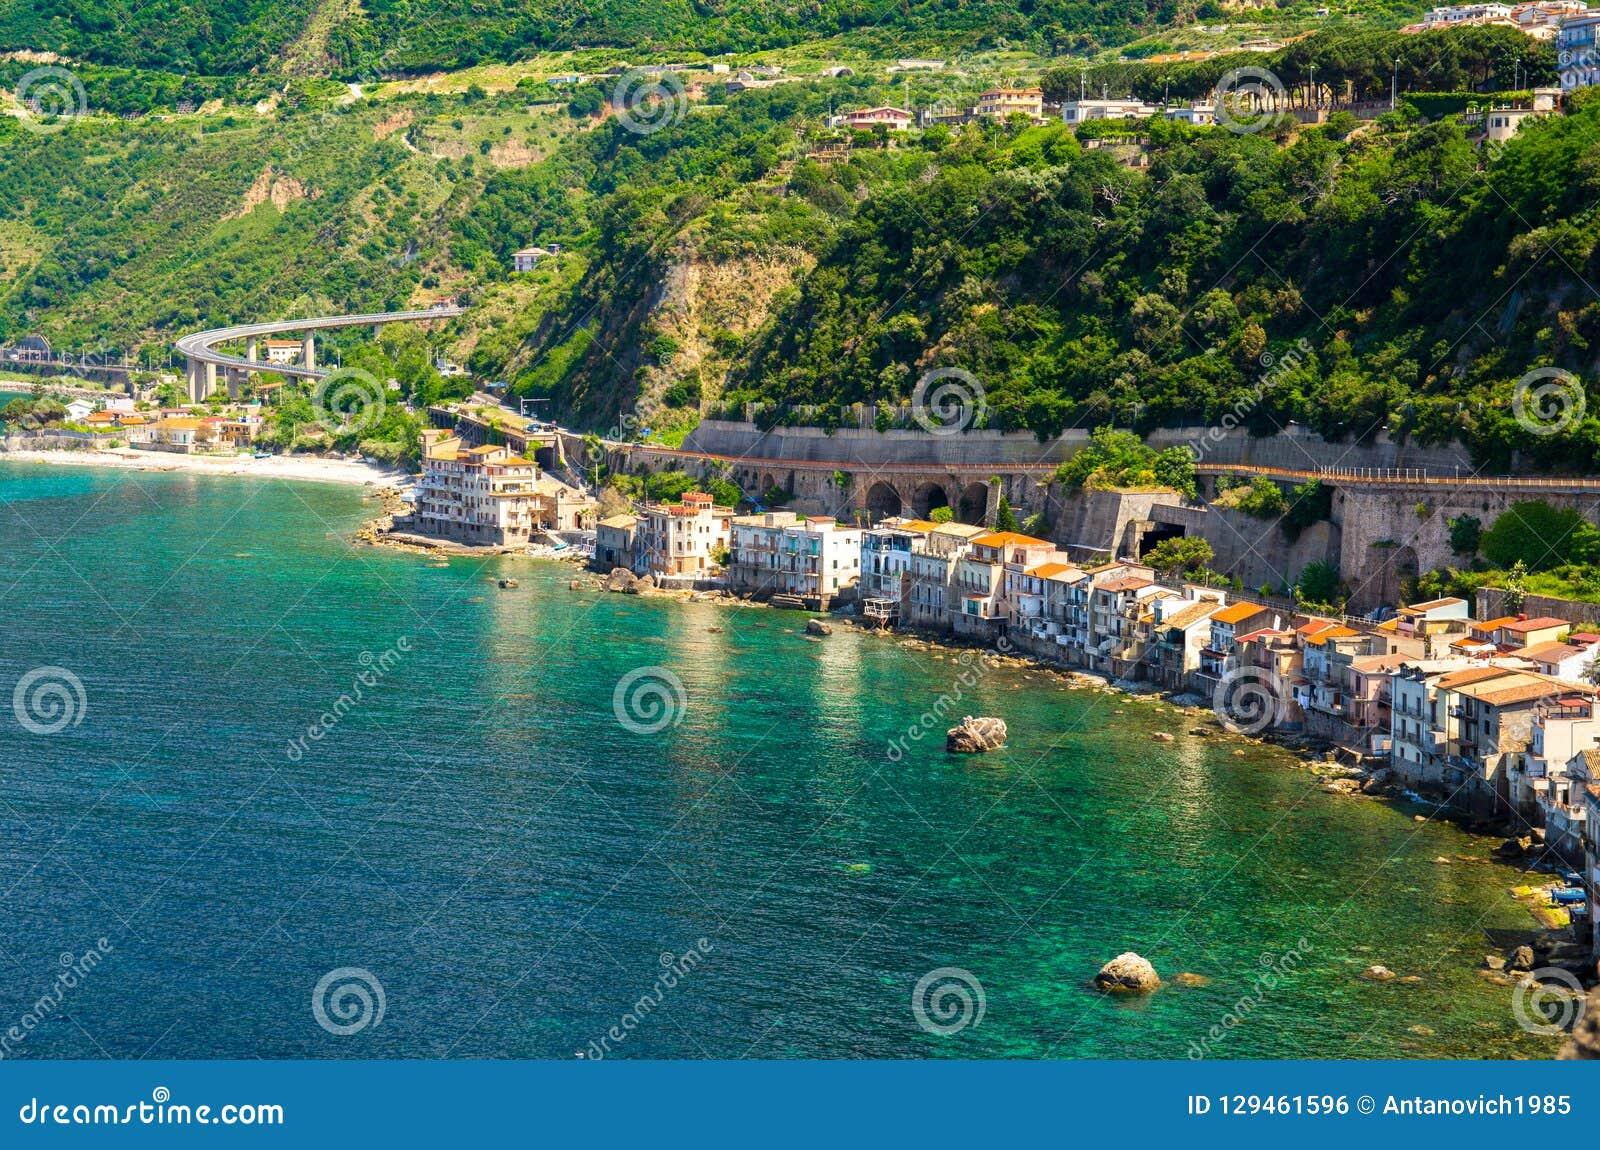 Aerial top view of small fishing village Chianalea di Scilla, It